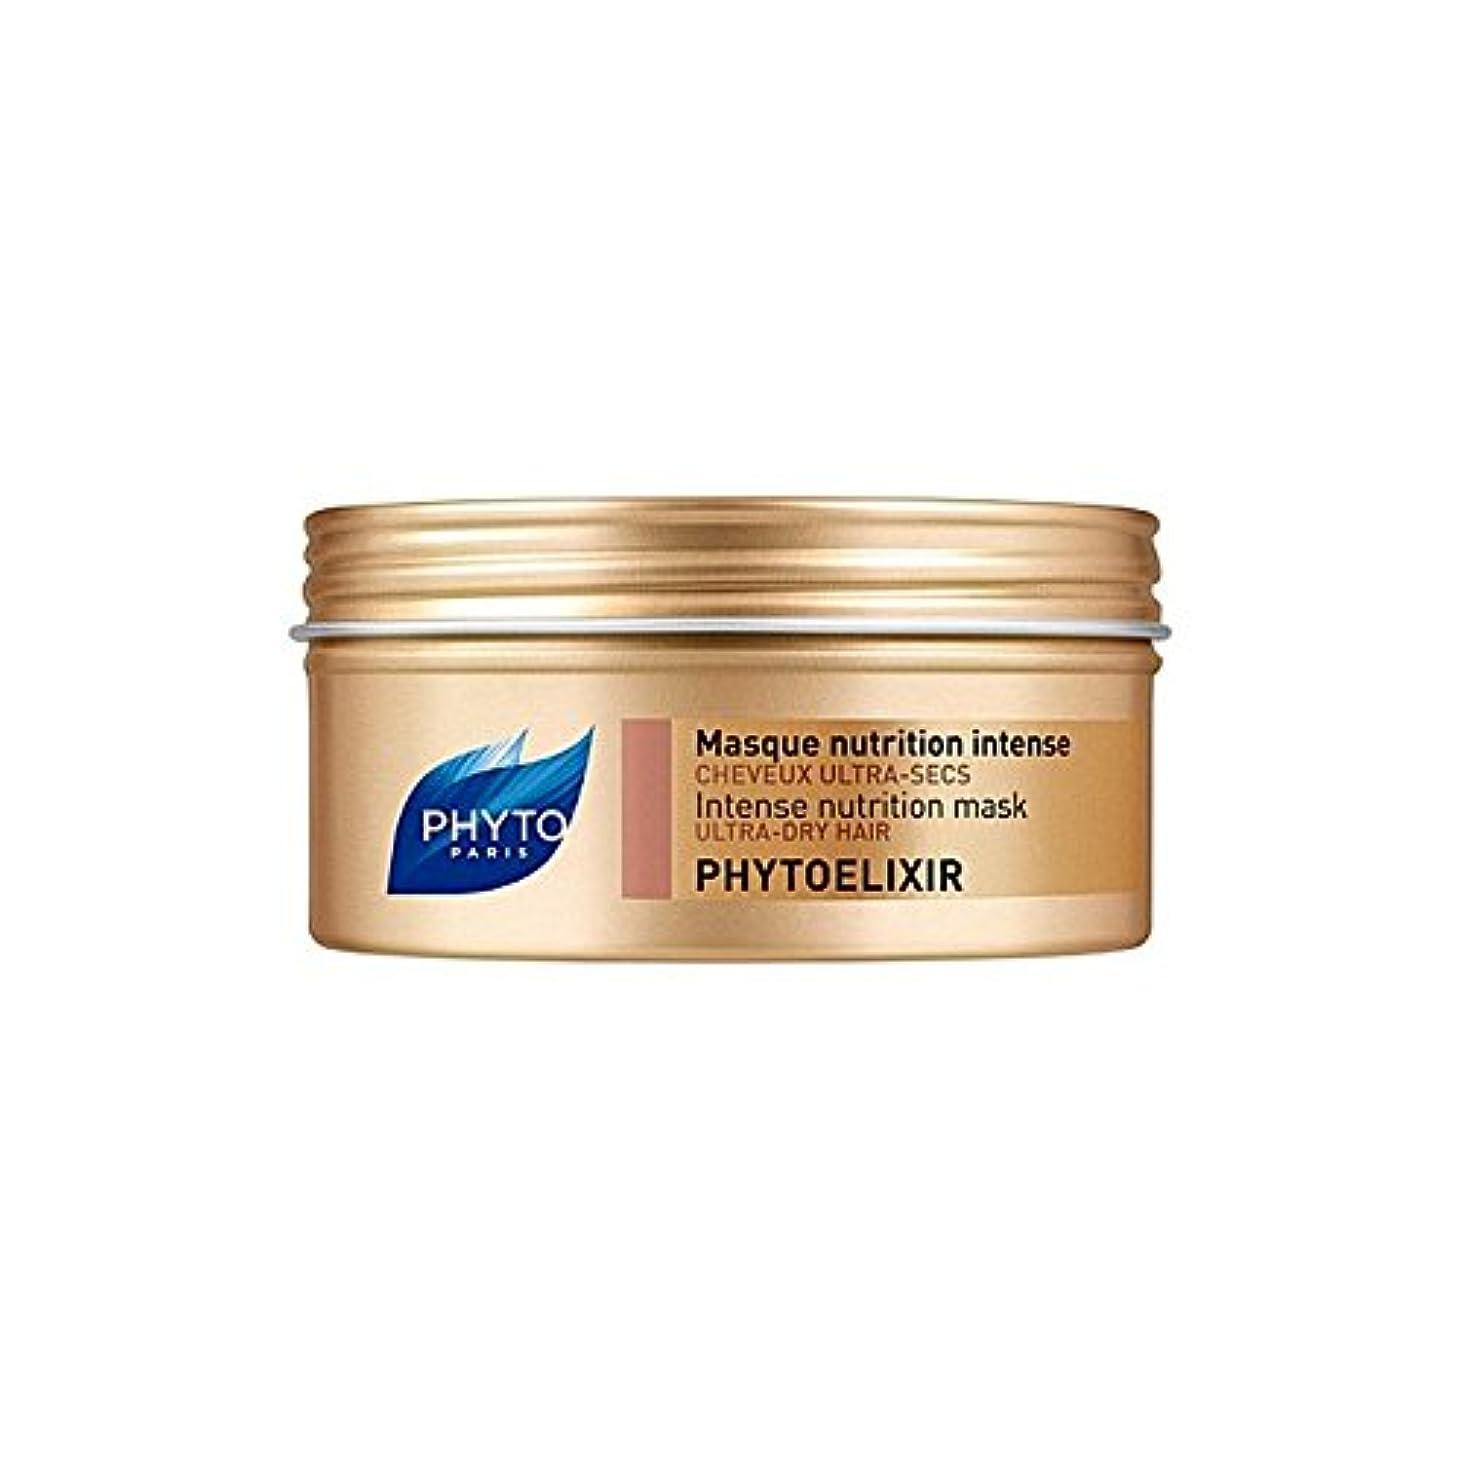 平均用心なめらかなフィトの強烈な栄養マスク x2 - Phyto Phytoelixir Intense Nutrition Mask (Pack of 2) [並行輸入品]